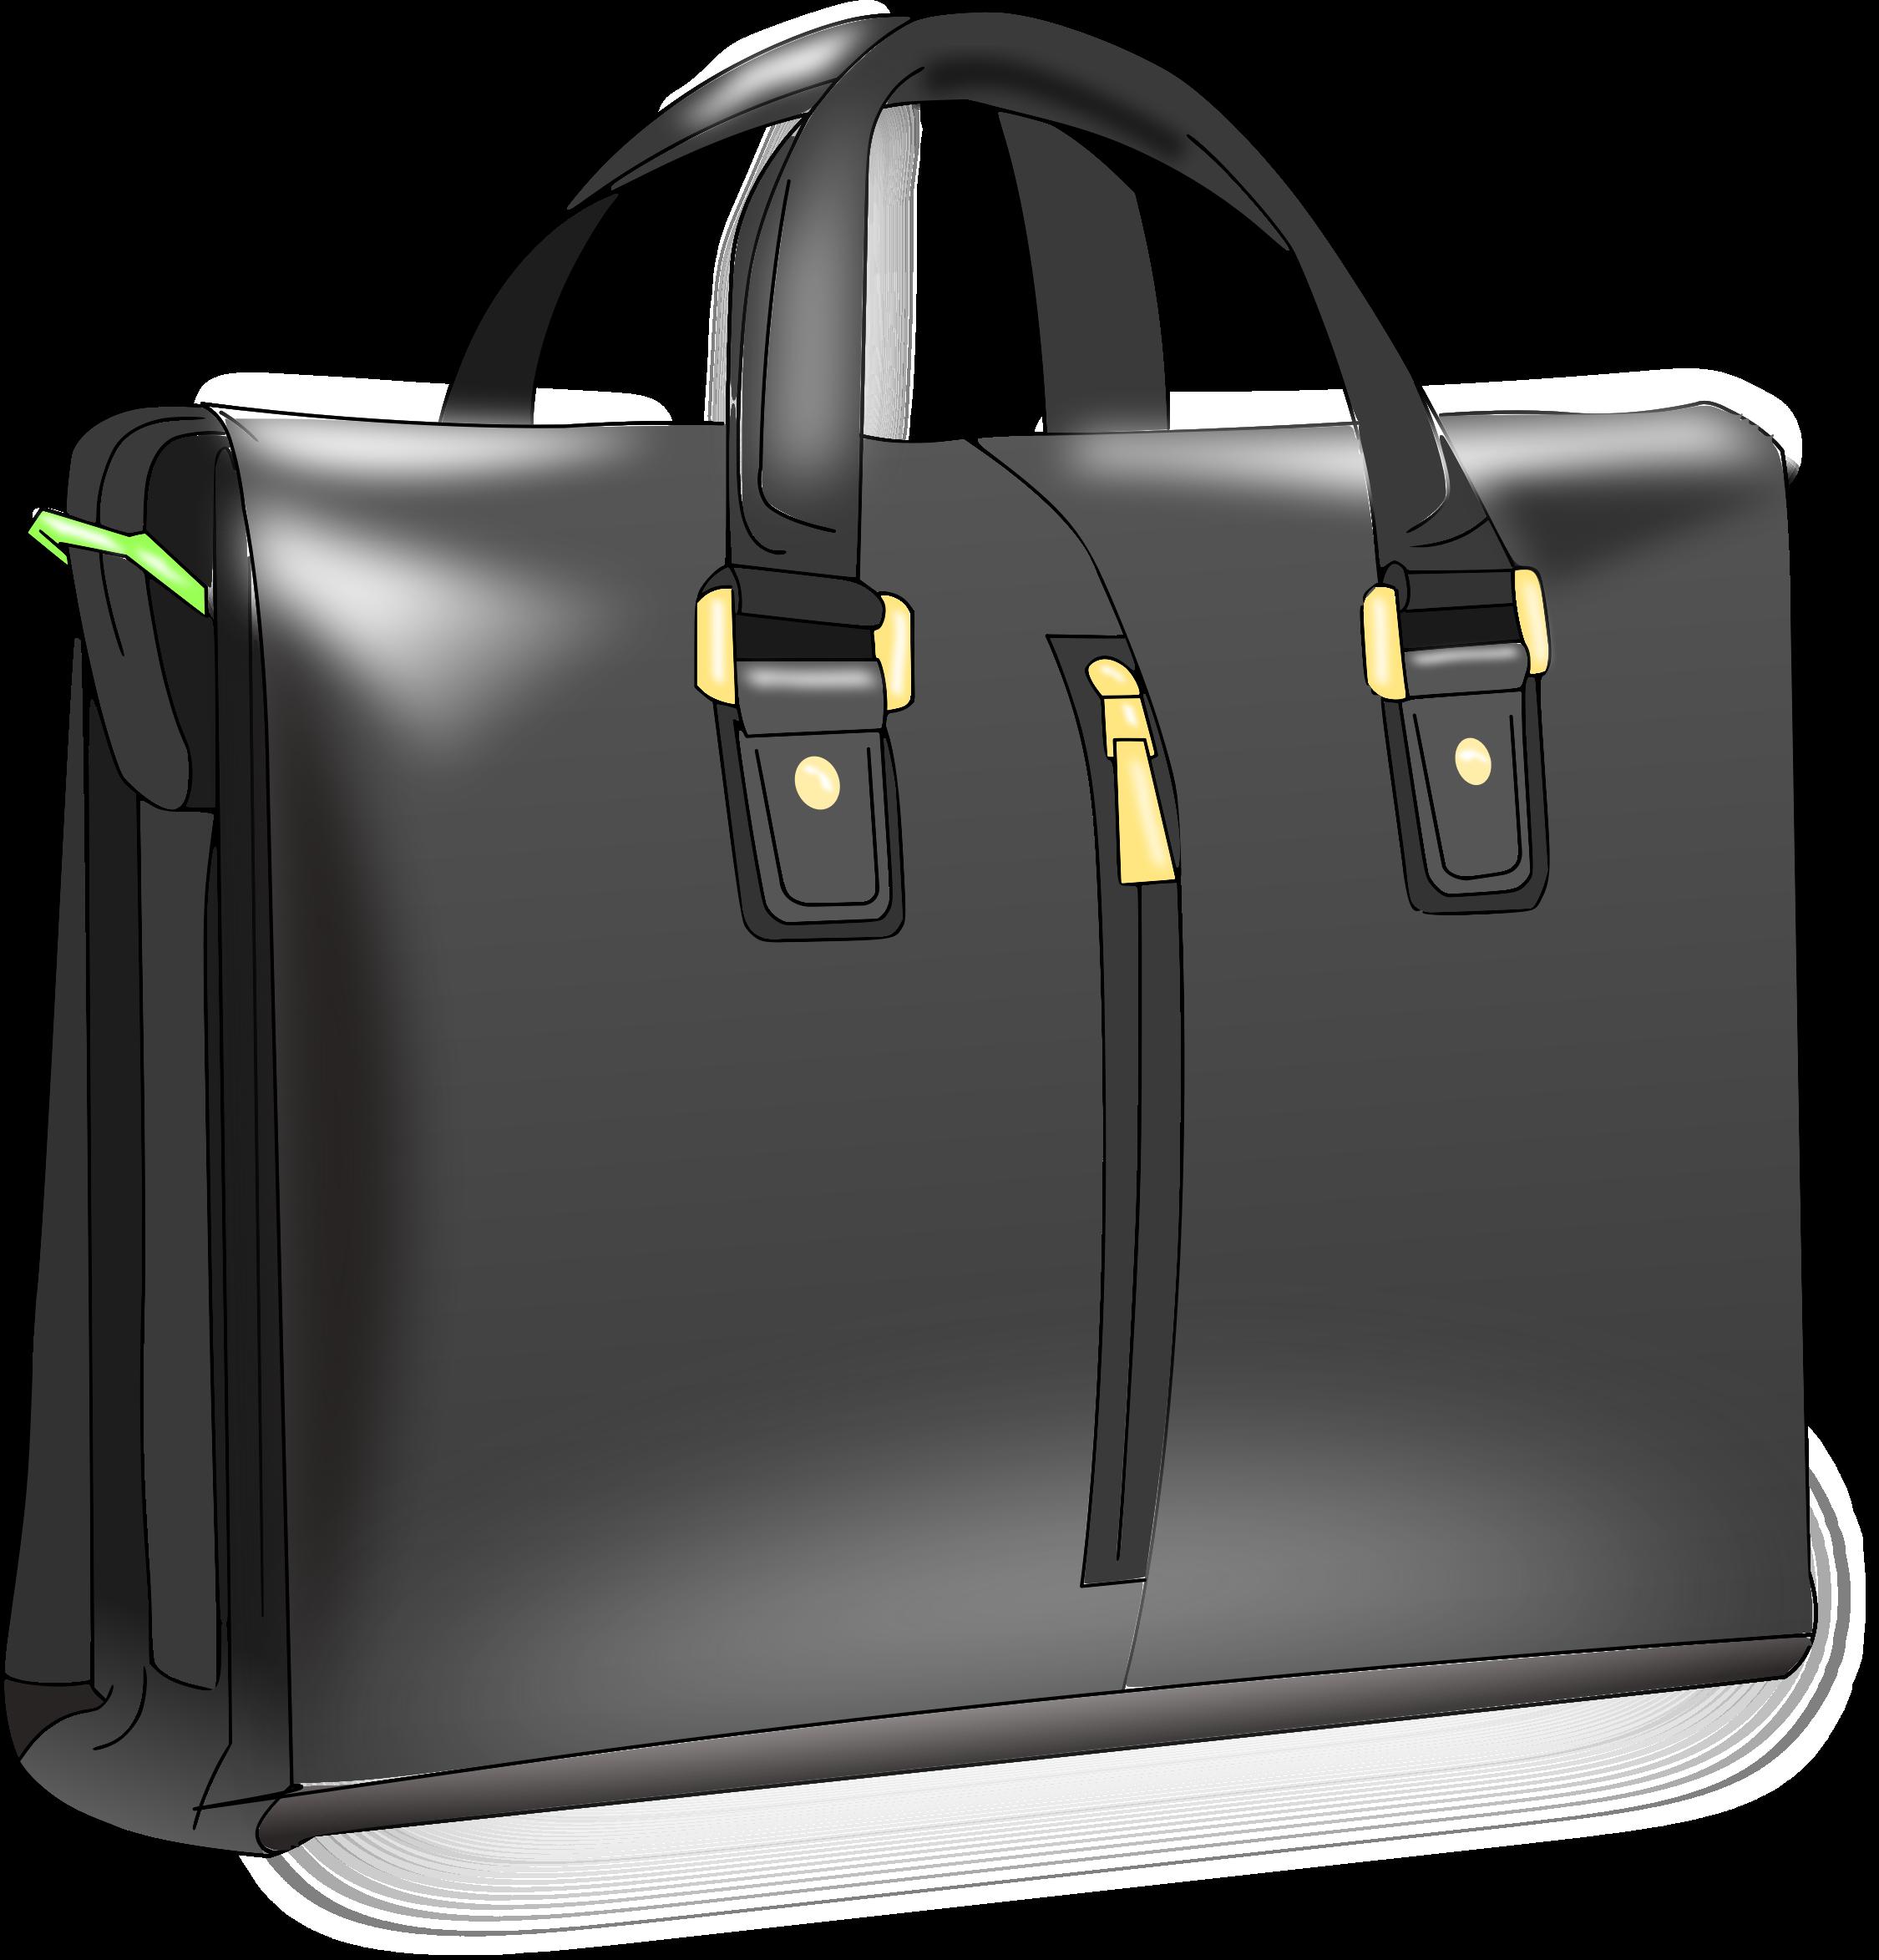 Man handbag big image. Luggage clipart briefcase